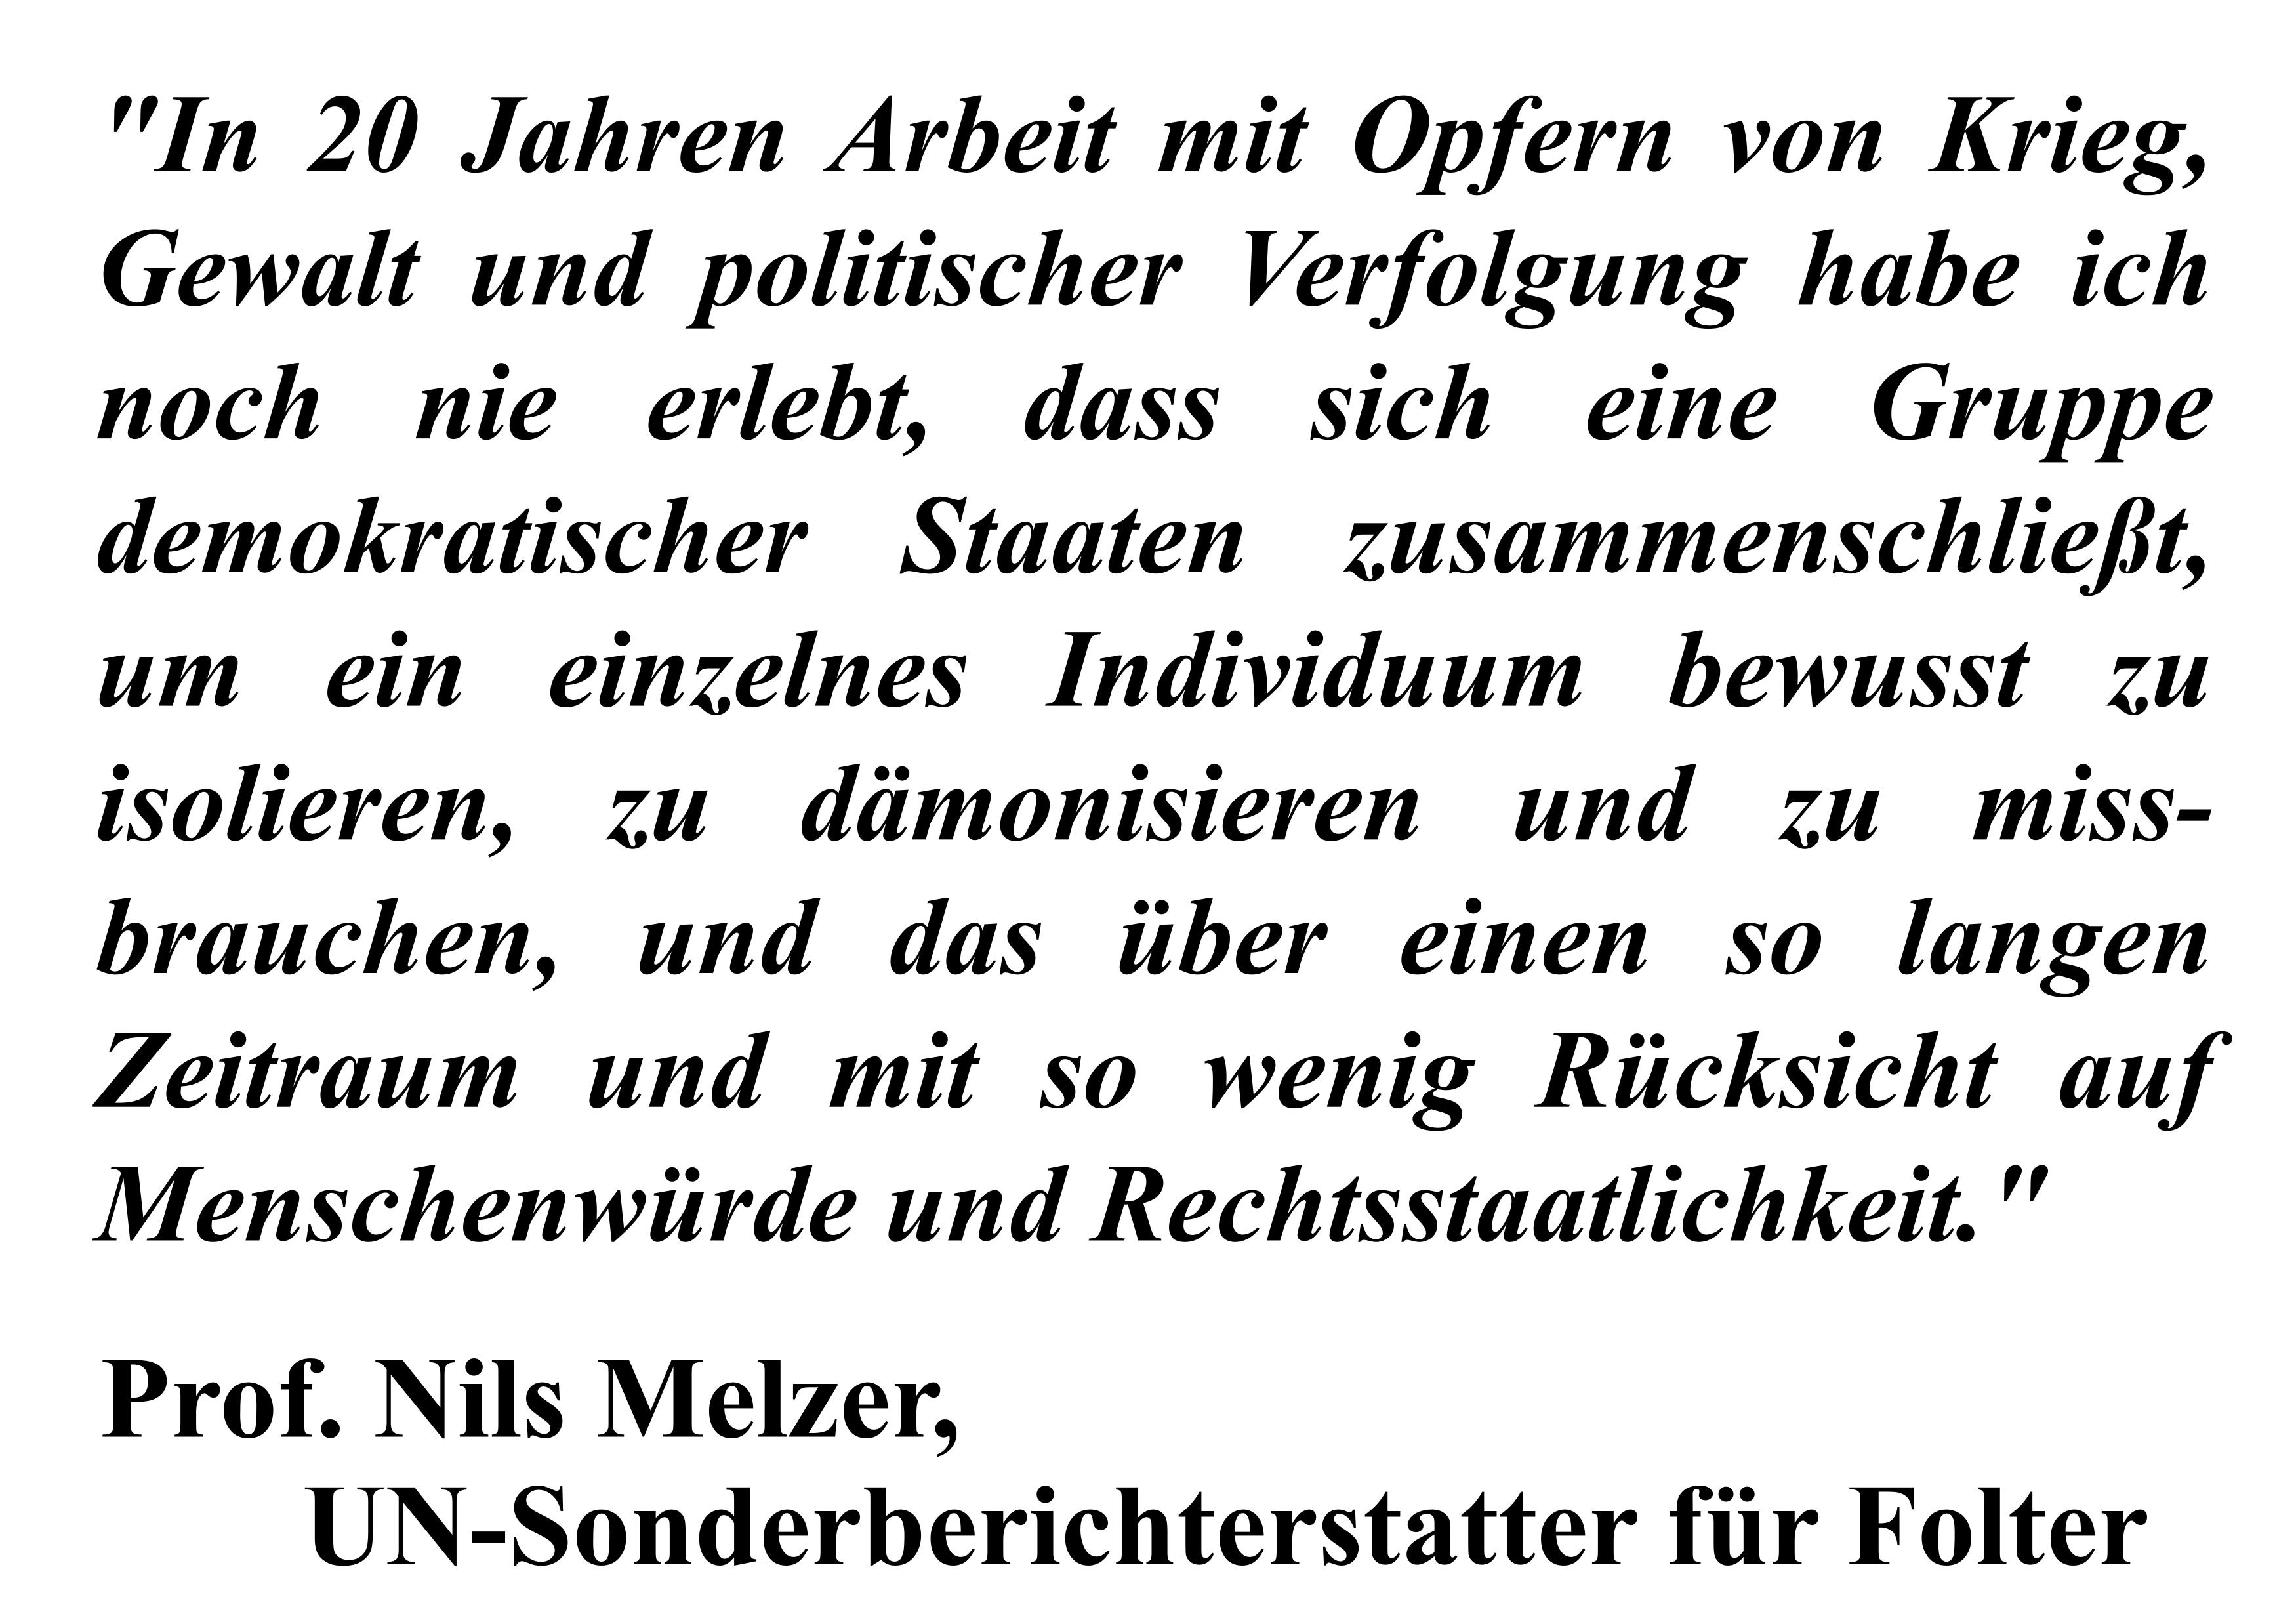 quote_melzer_de.png